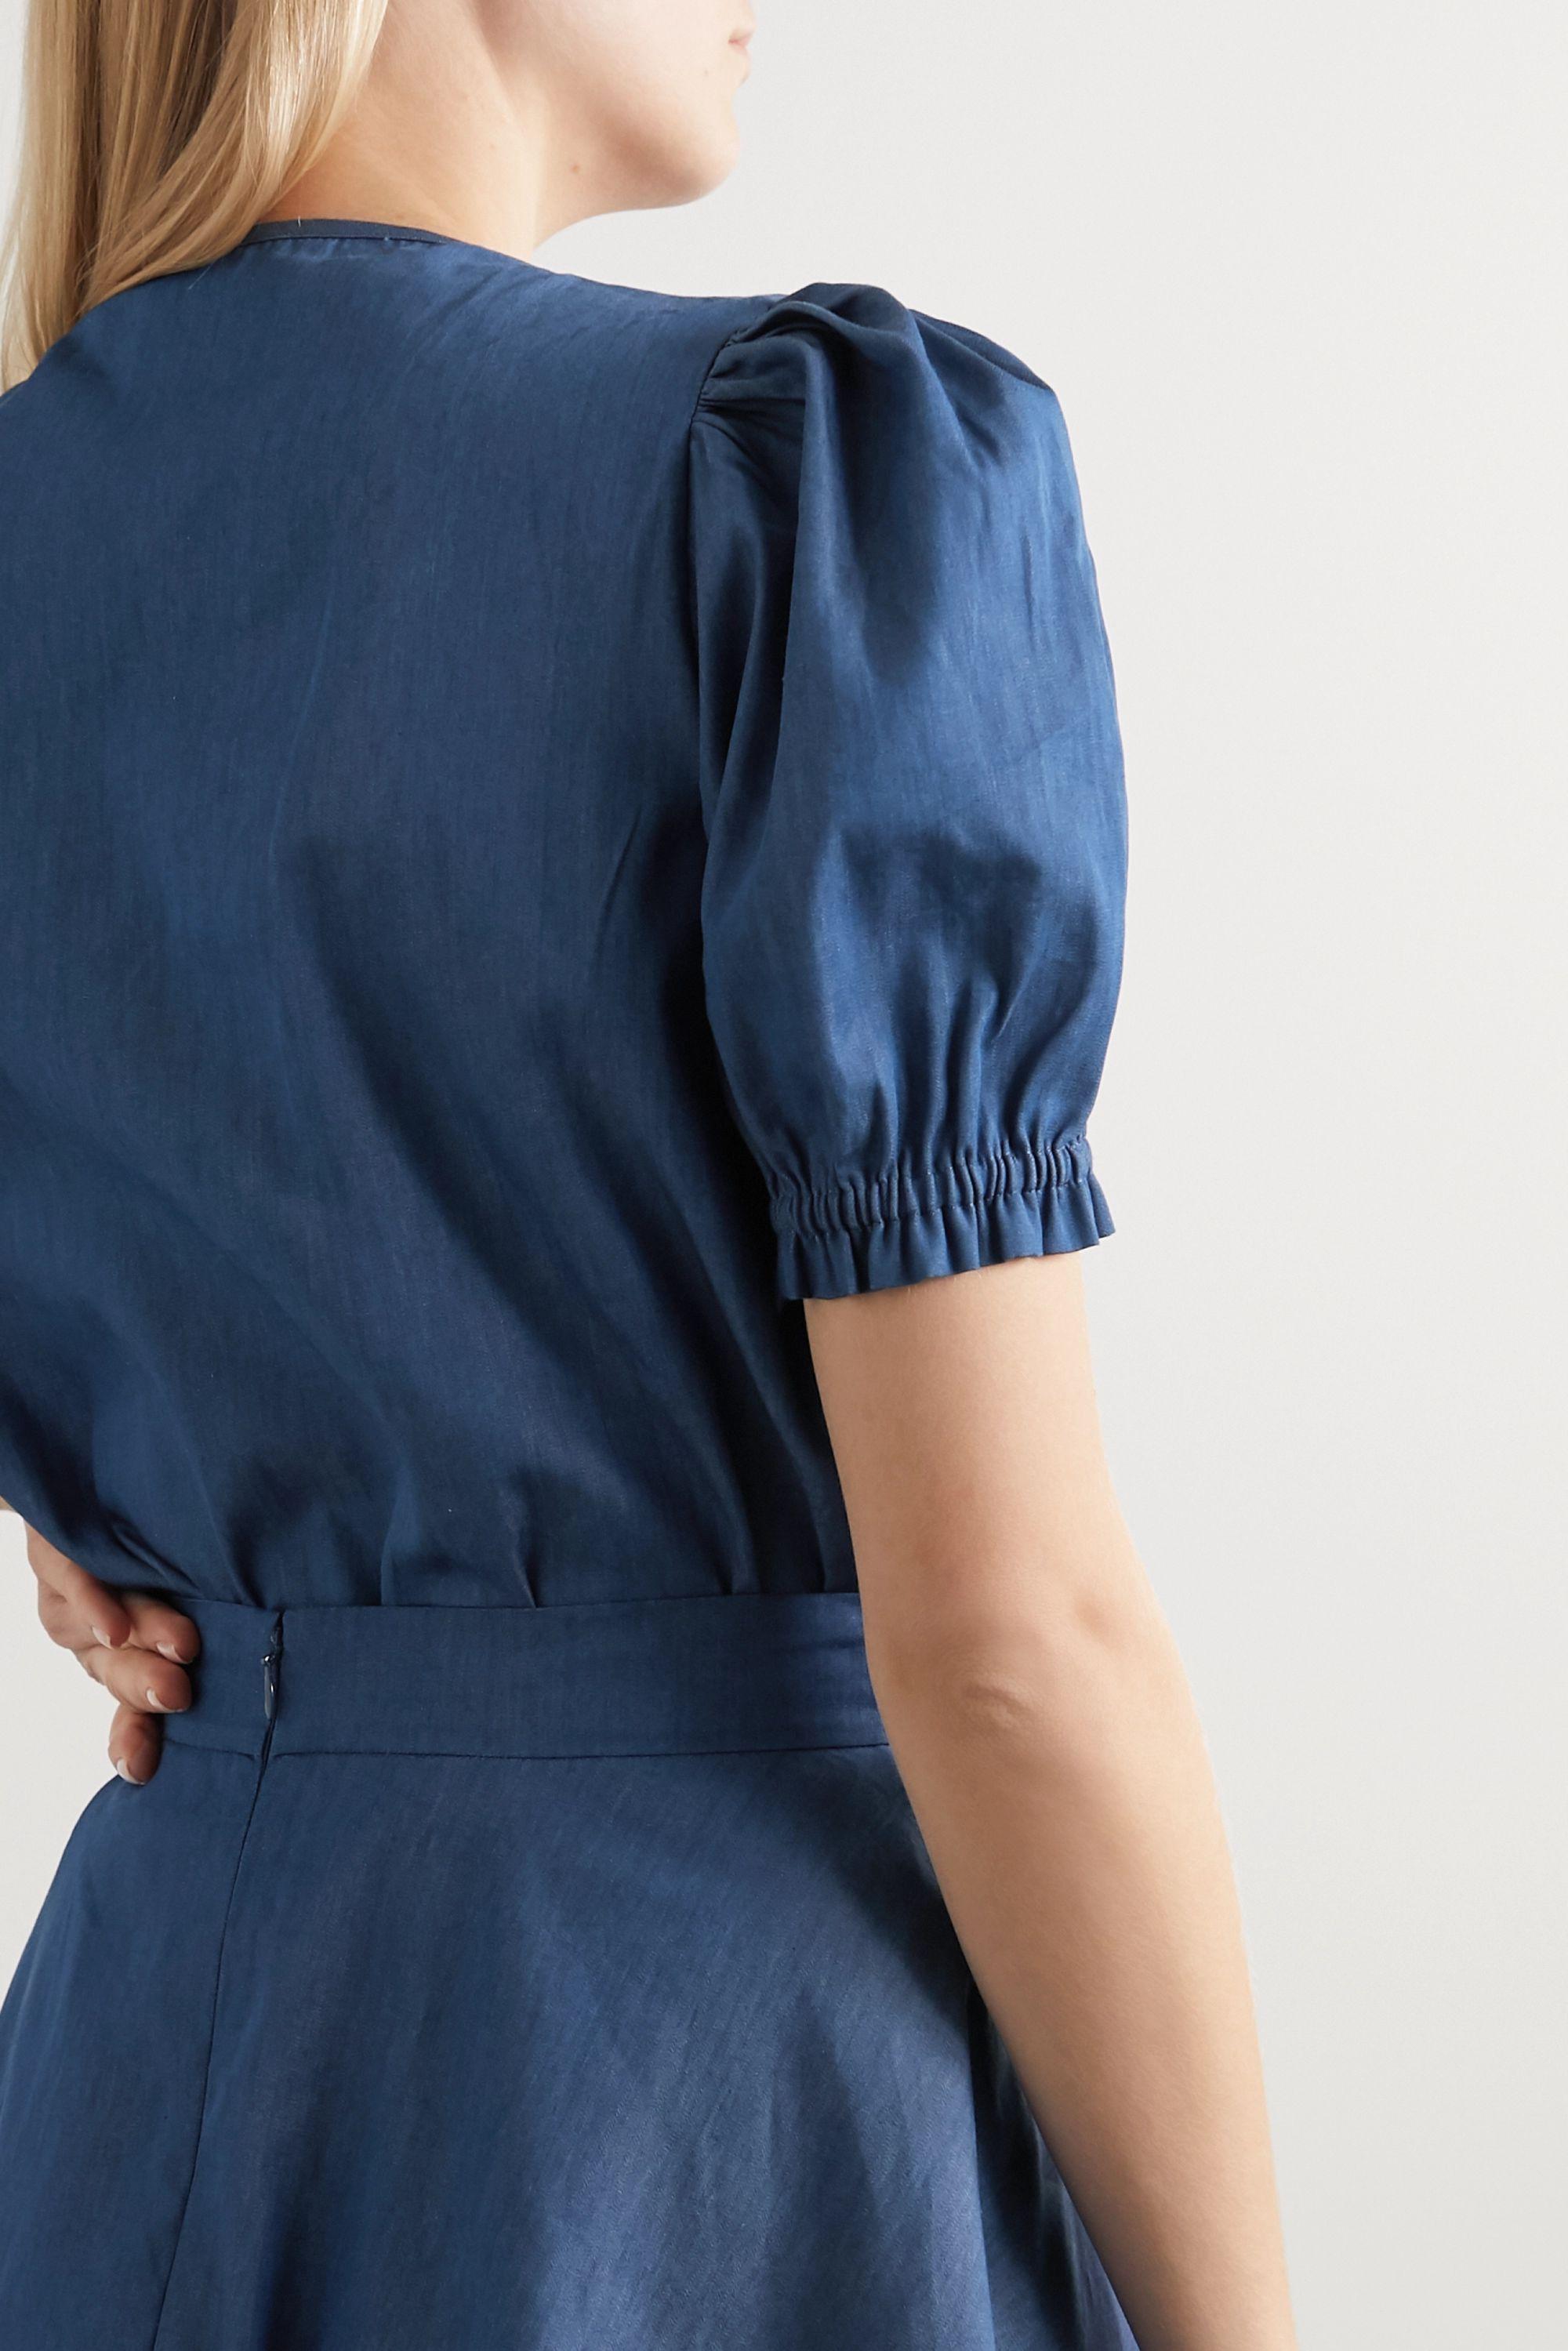 ARoss Girl x Soler Ines belted denim blouse